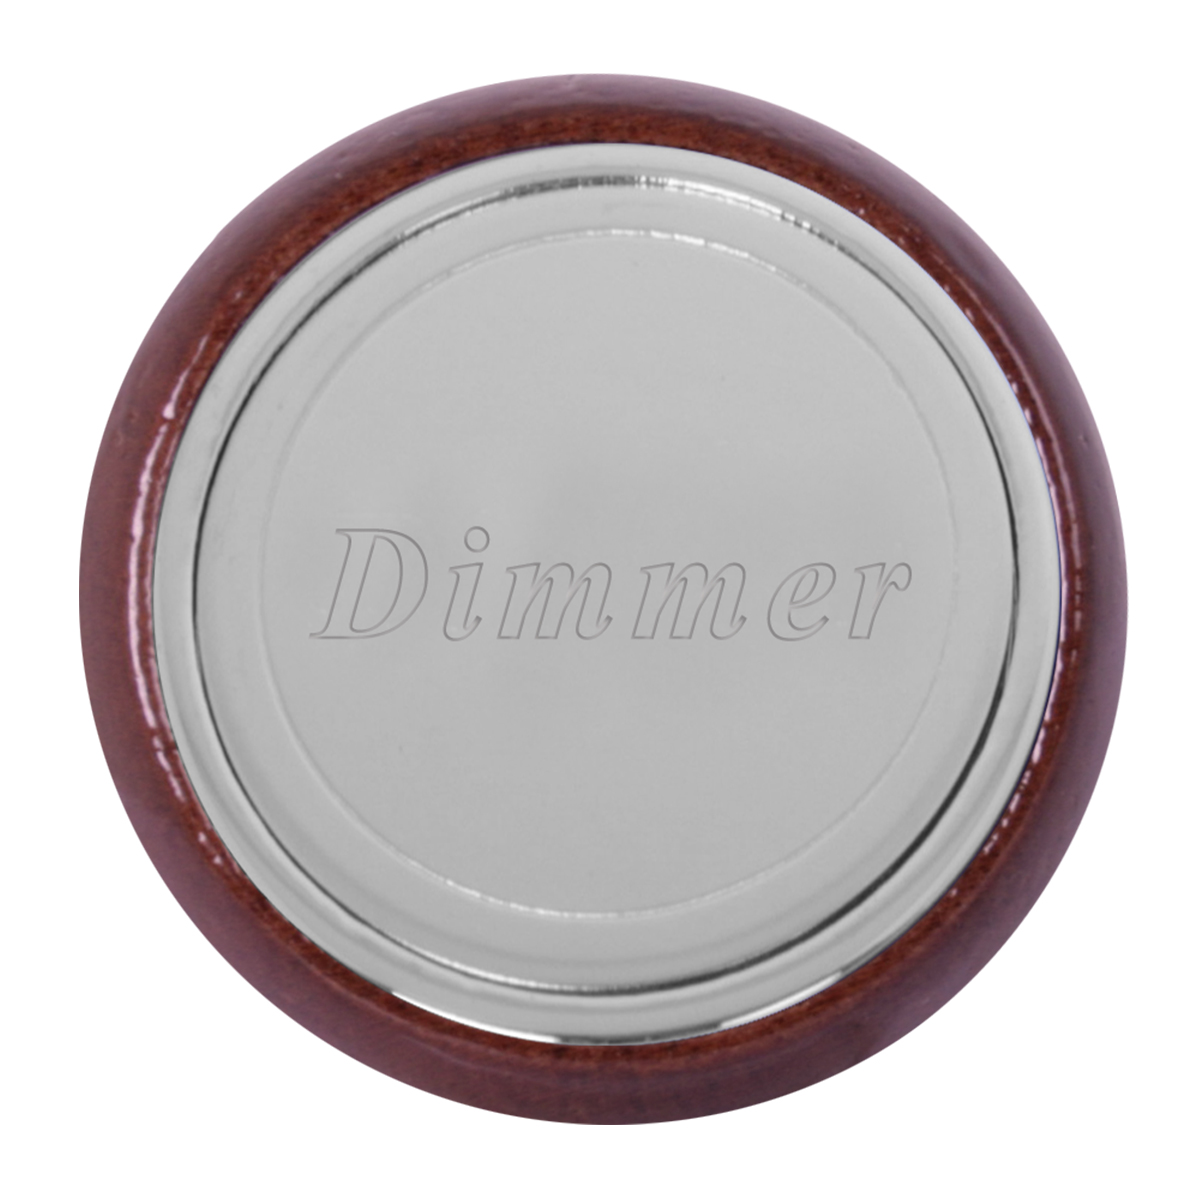 96050 Dashboard Control Knob w/ Dimmer Script